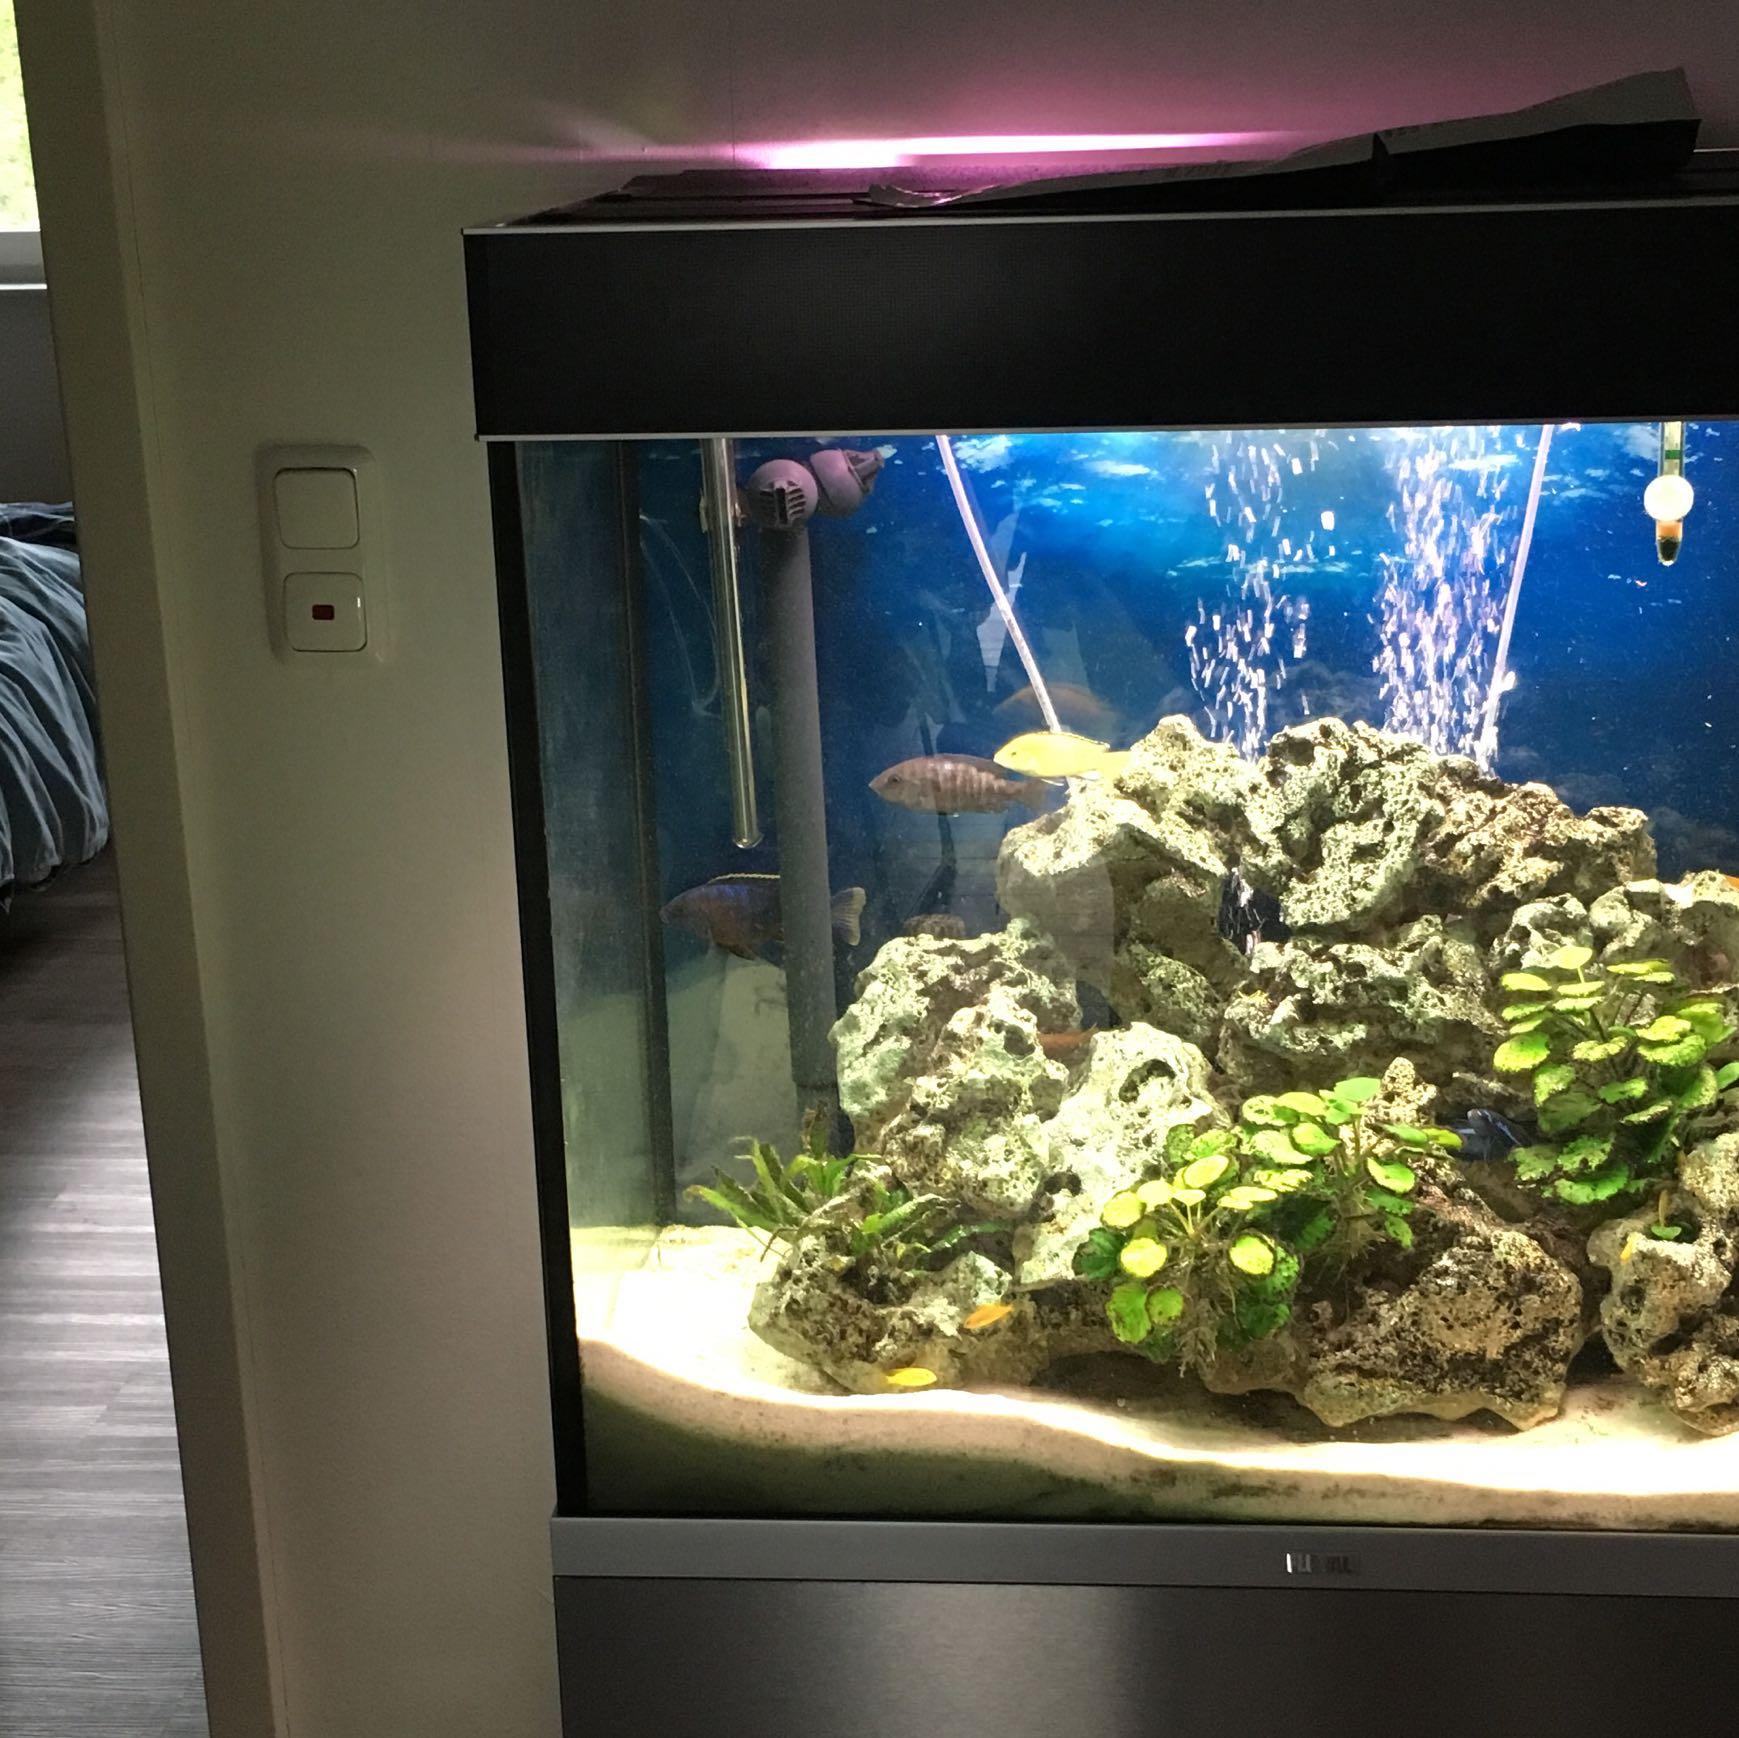 Meilleur De De Filtre Externe Aquarium Des Idées